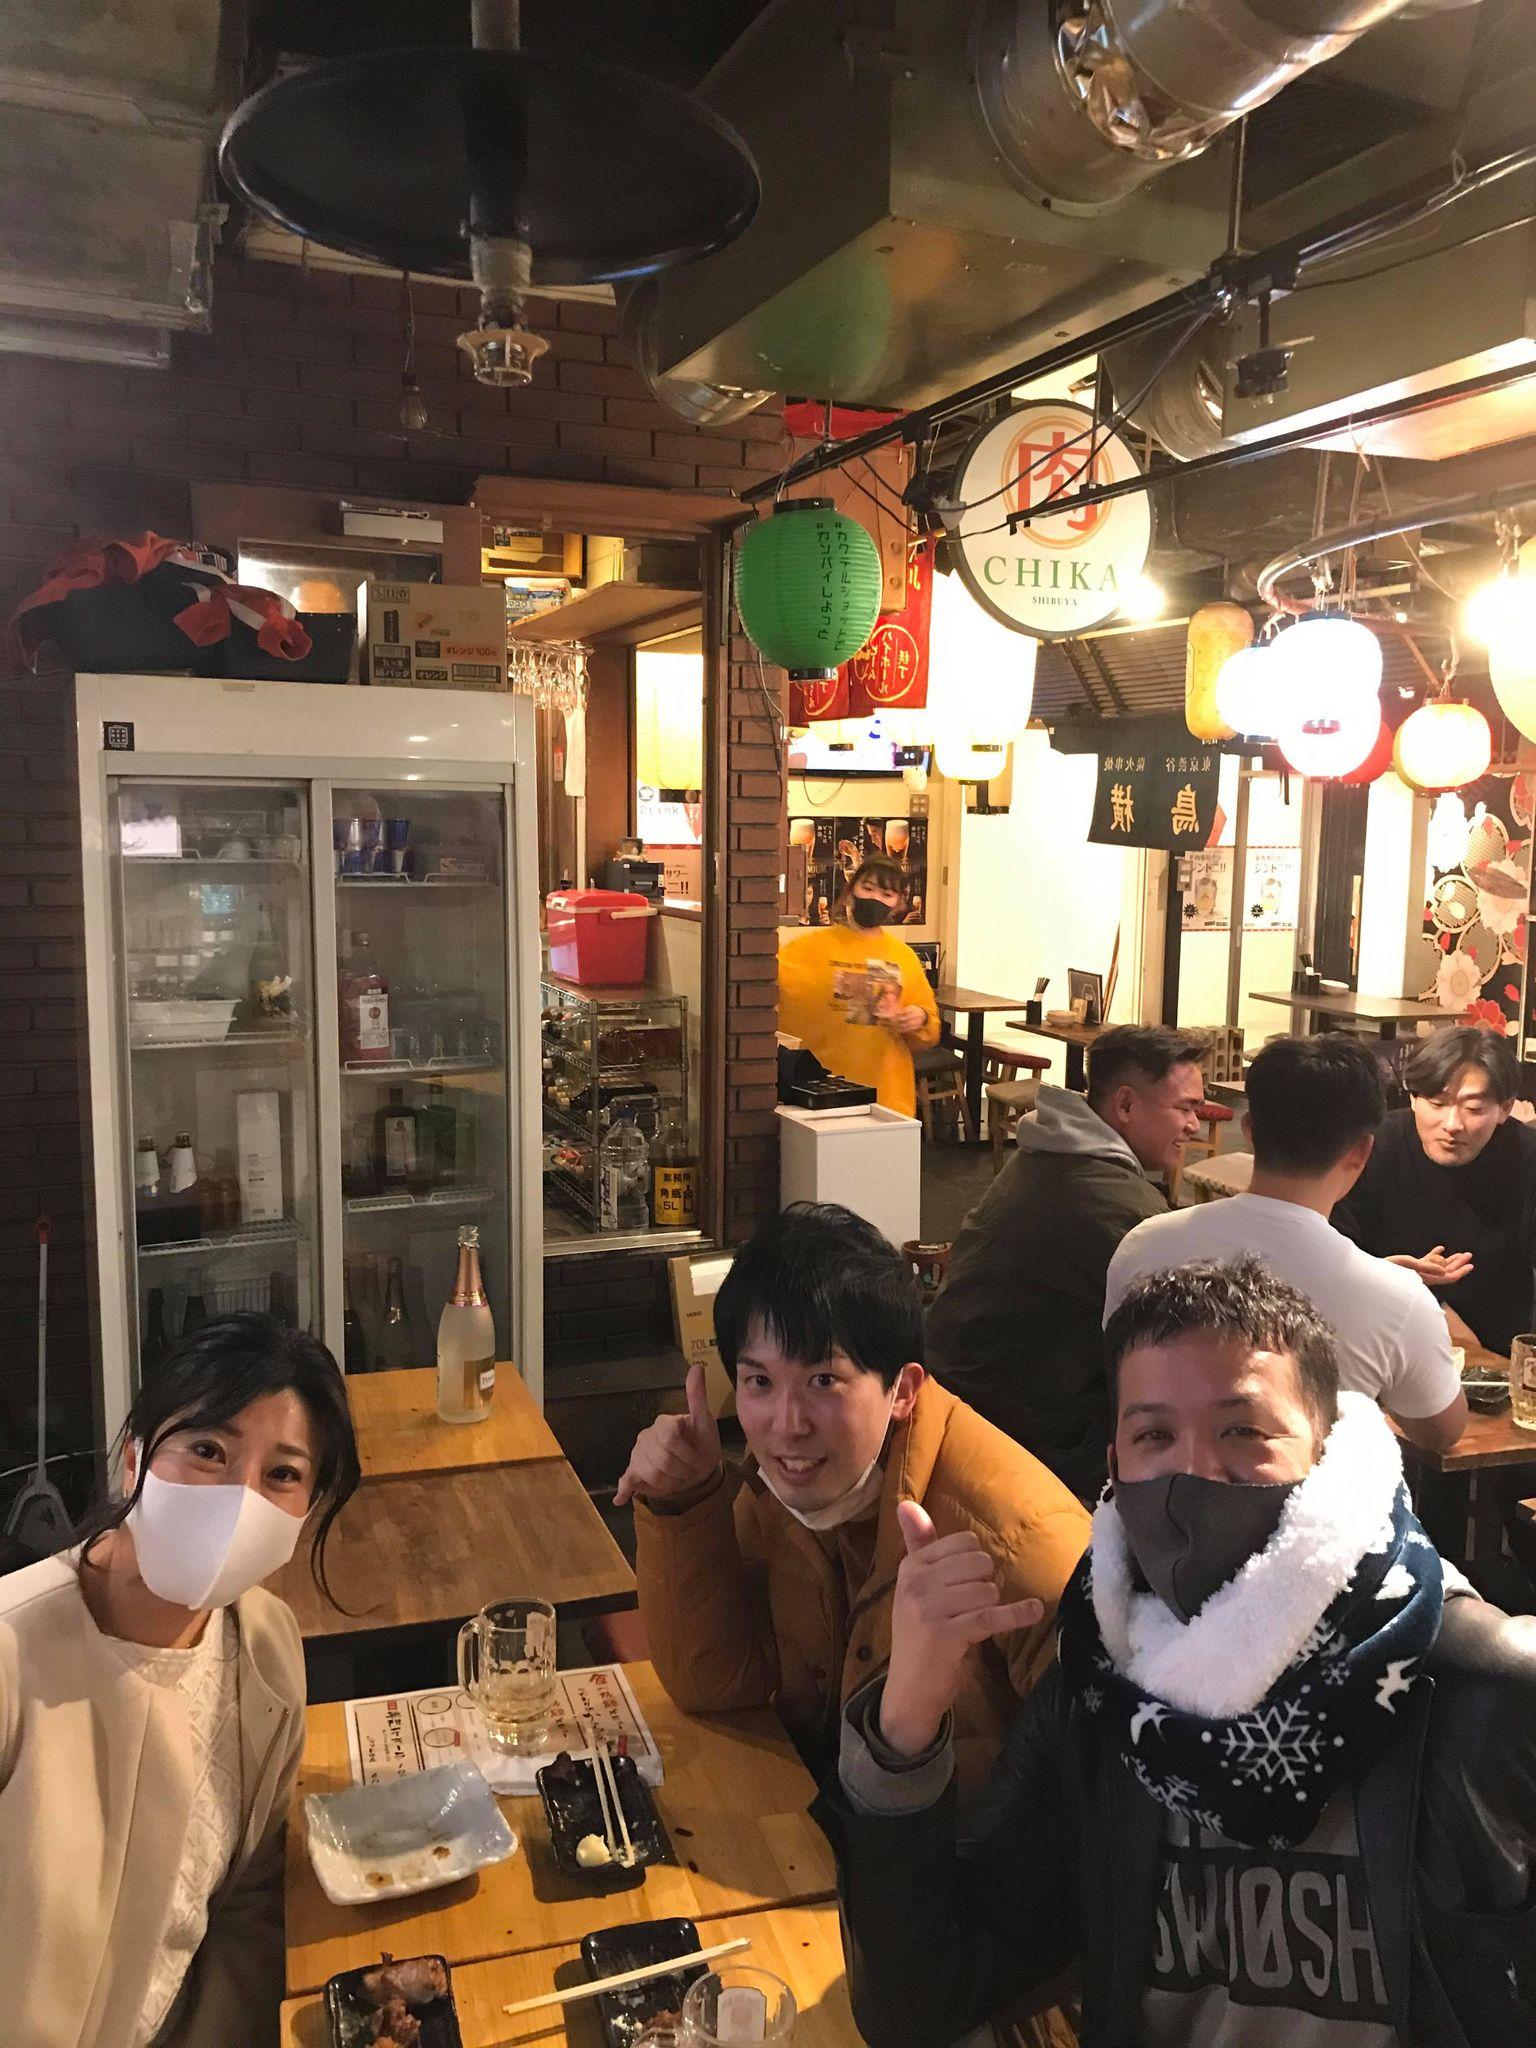 12月30日(水)19:00~ 社長GILD会のMTGをしました!